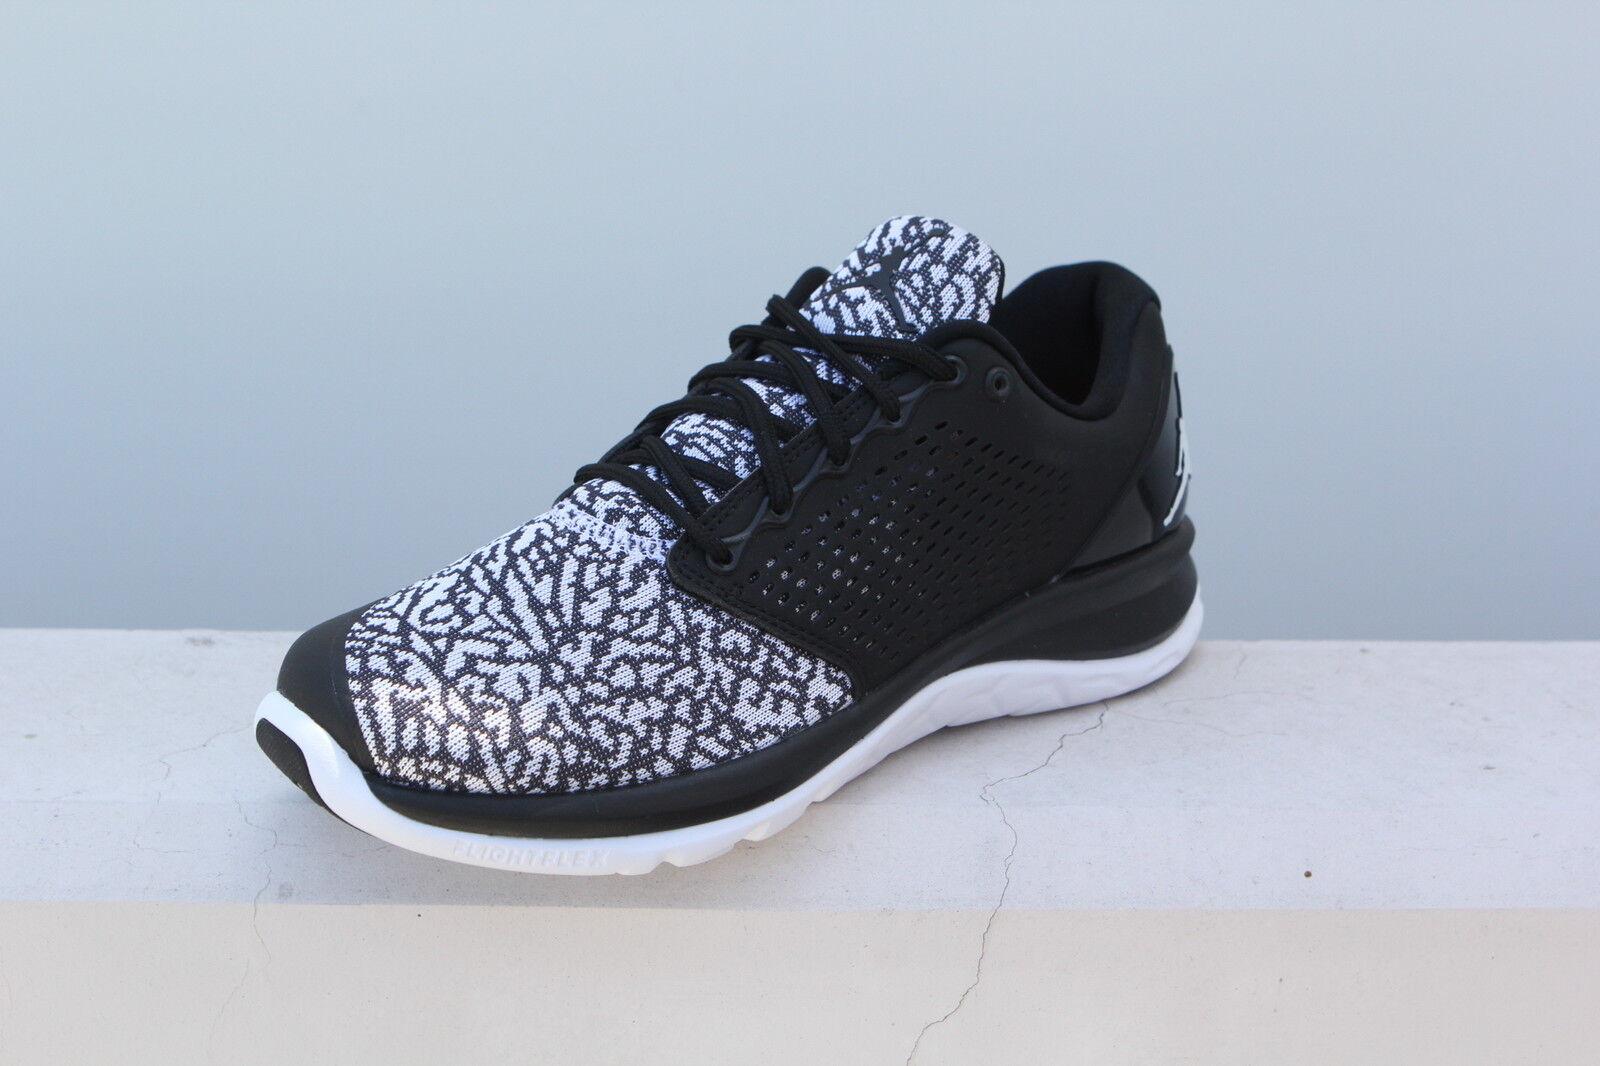 new product c807c f0ede ... 820253-012 Jordan Men Men Men Jordan Training black white infrared 23  db4793